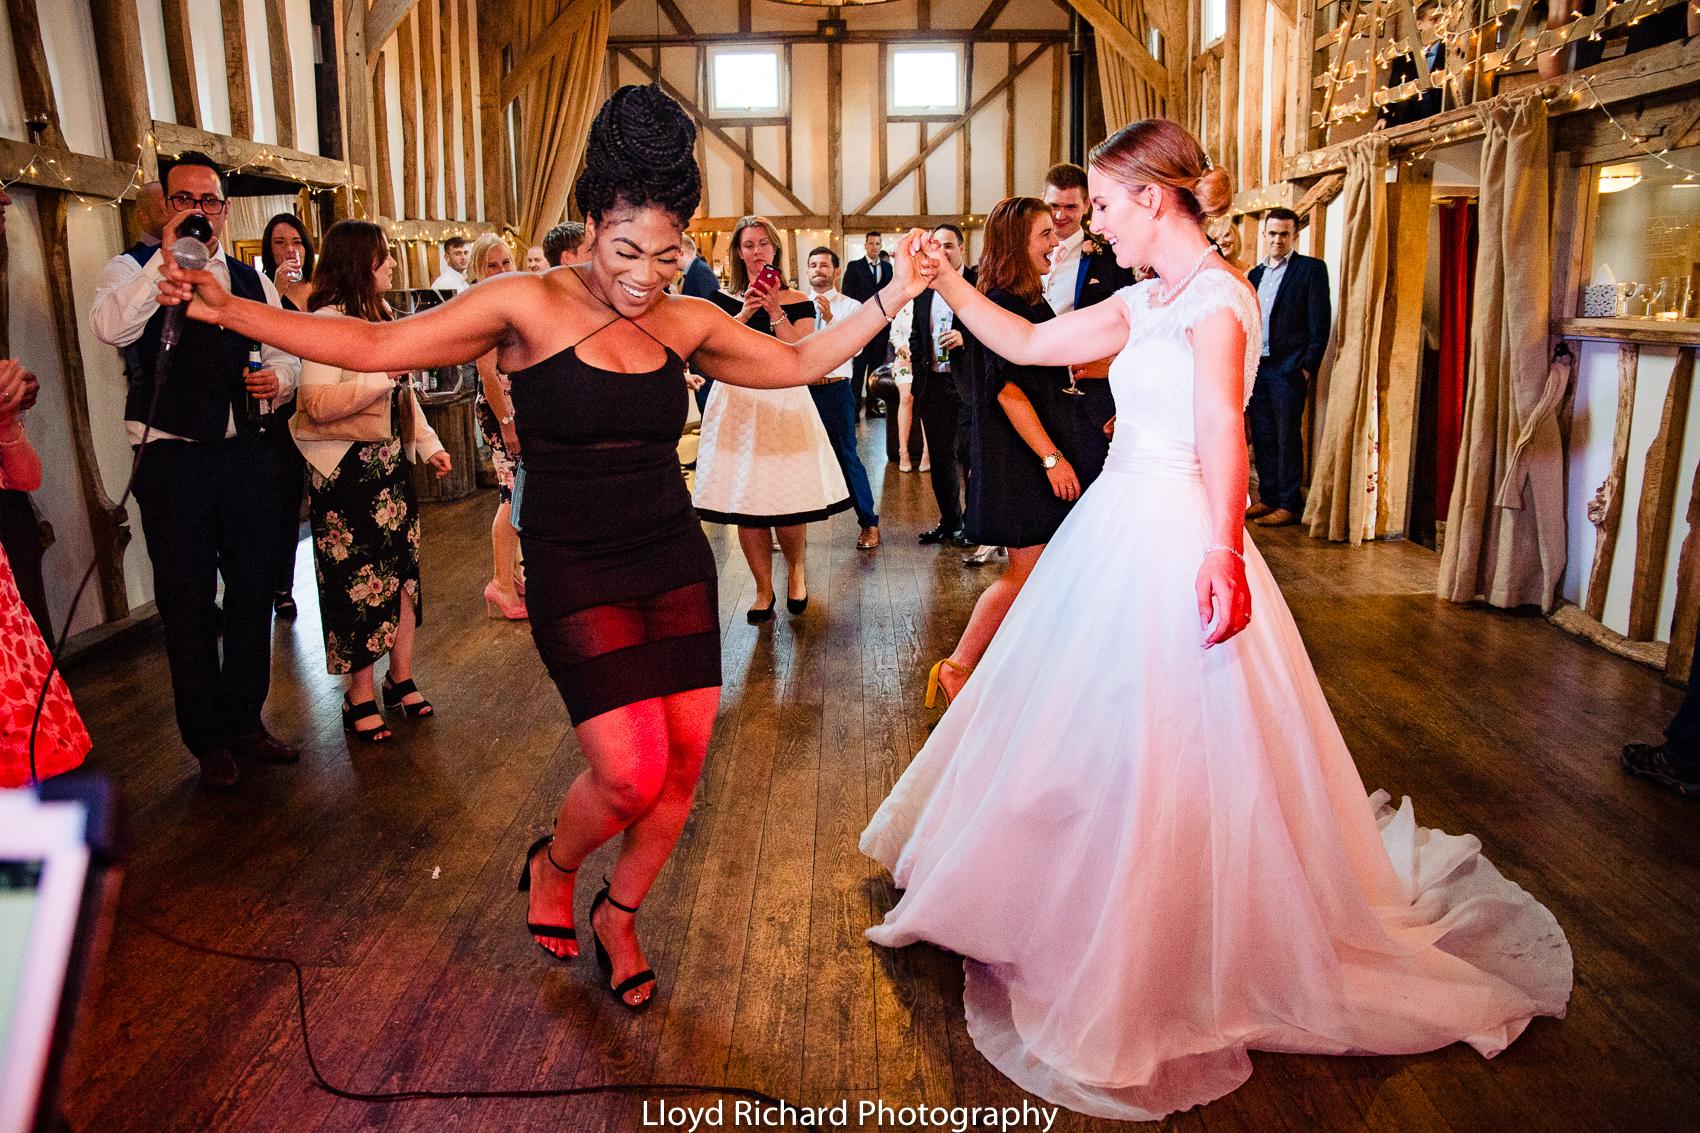 wedding singer at Pitt Hall Barn